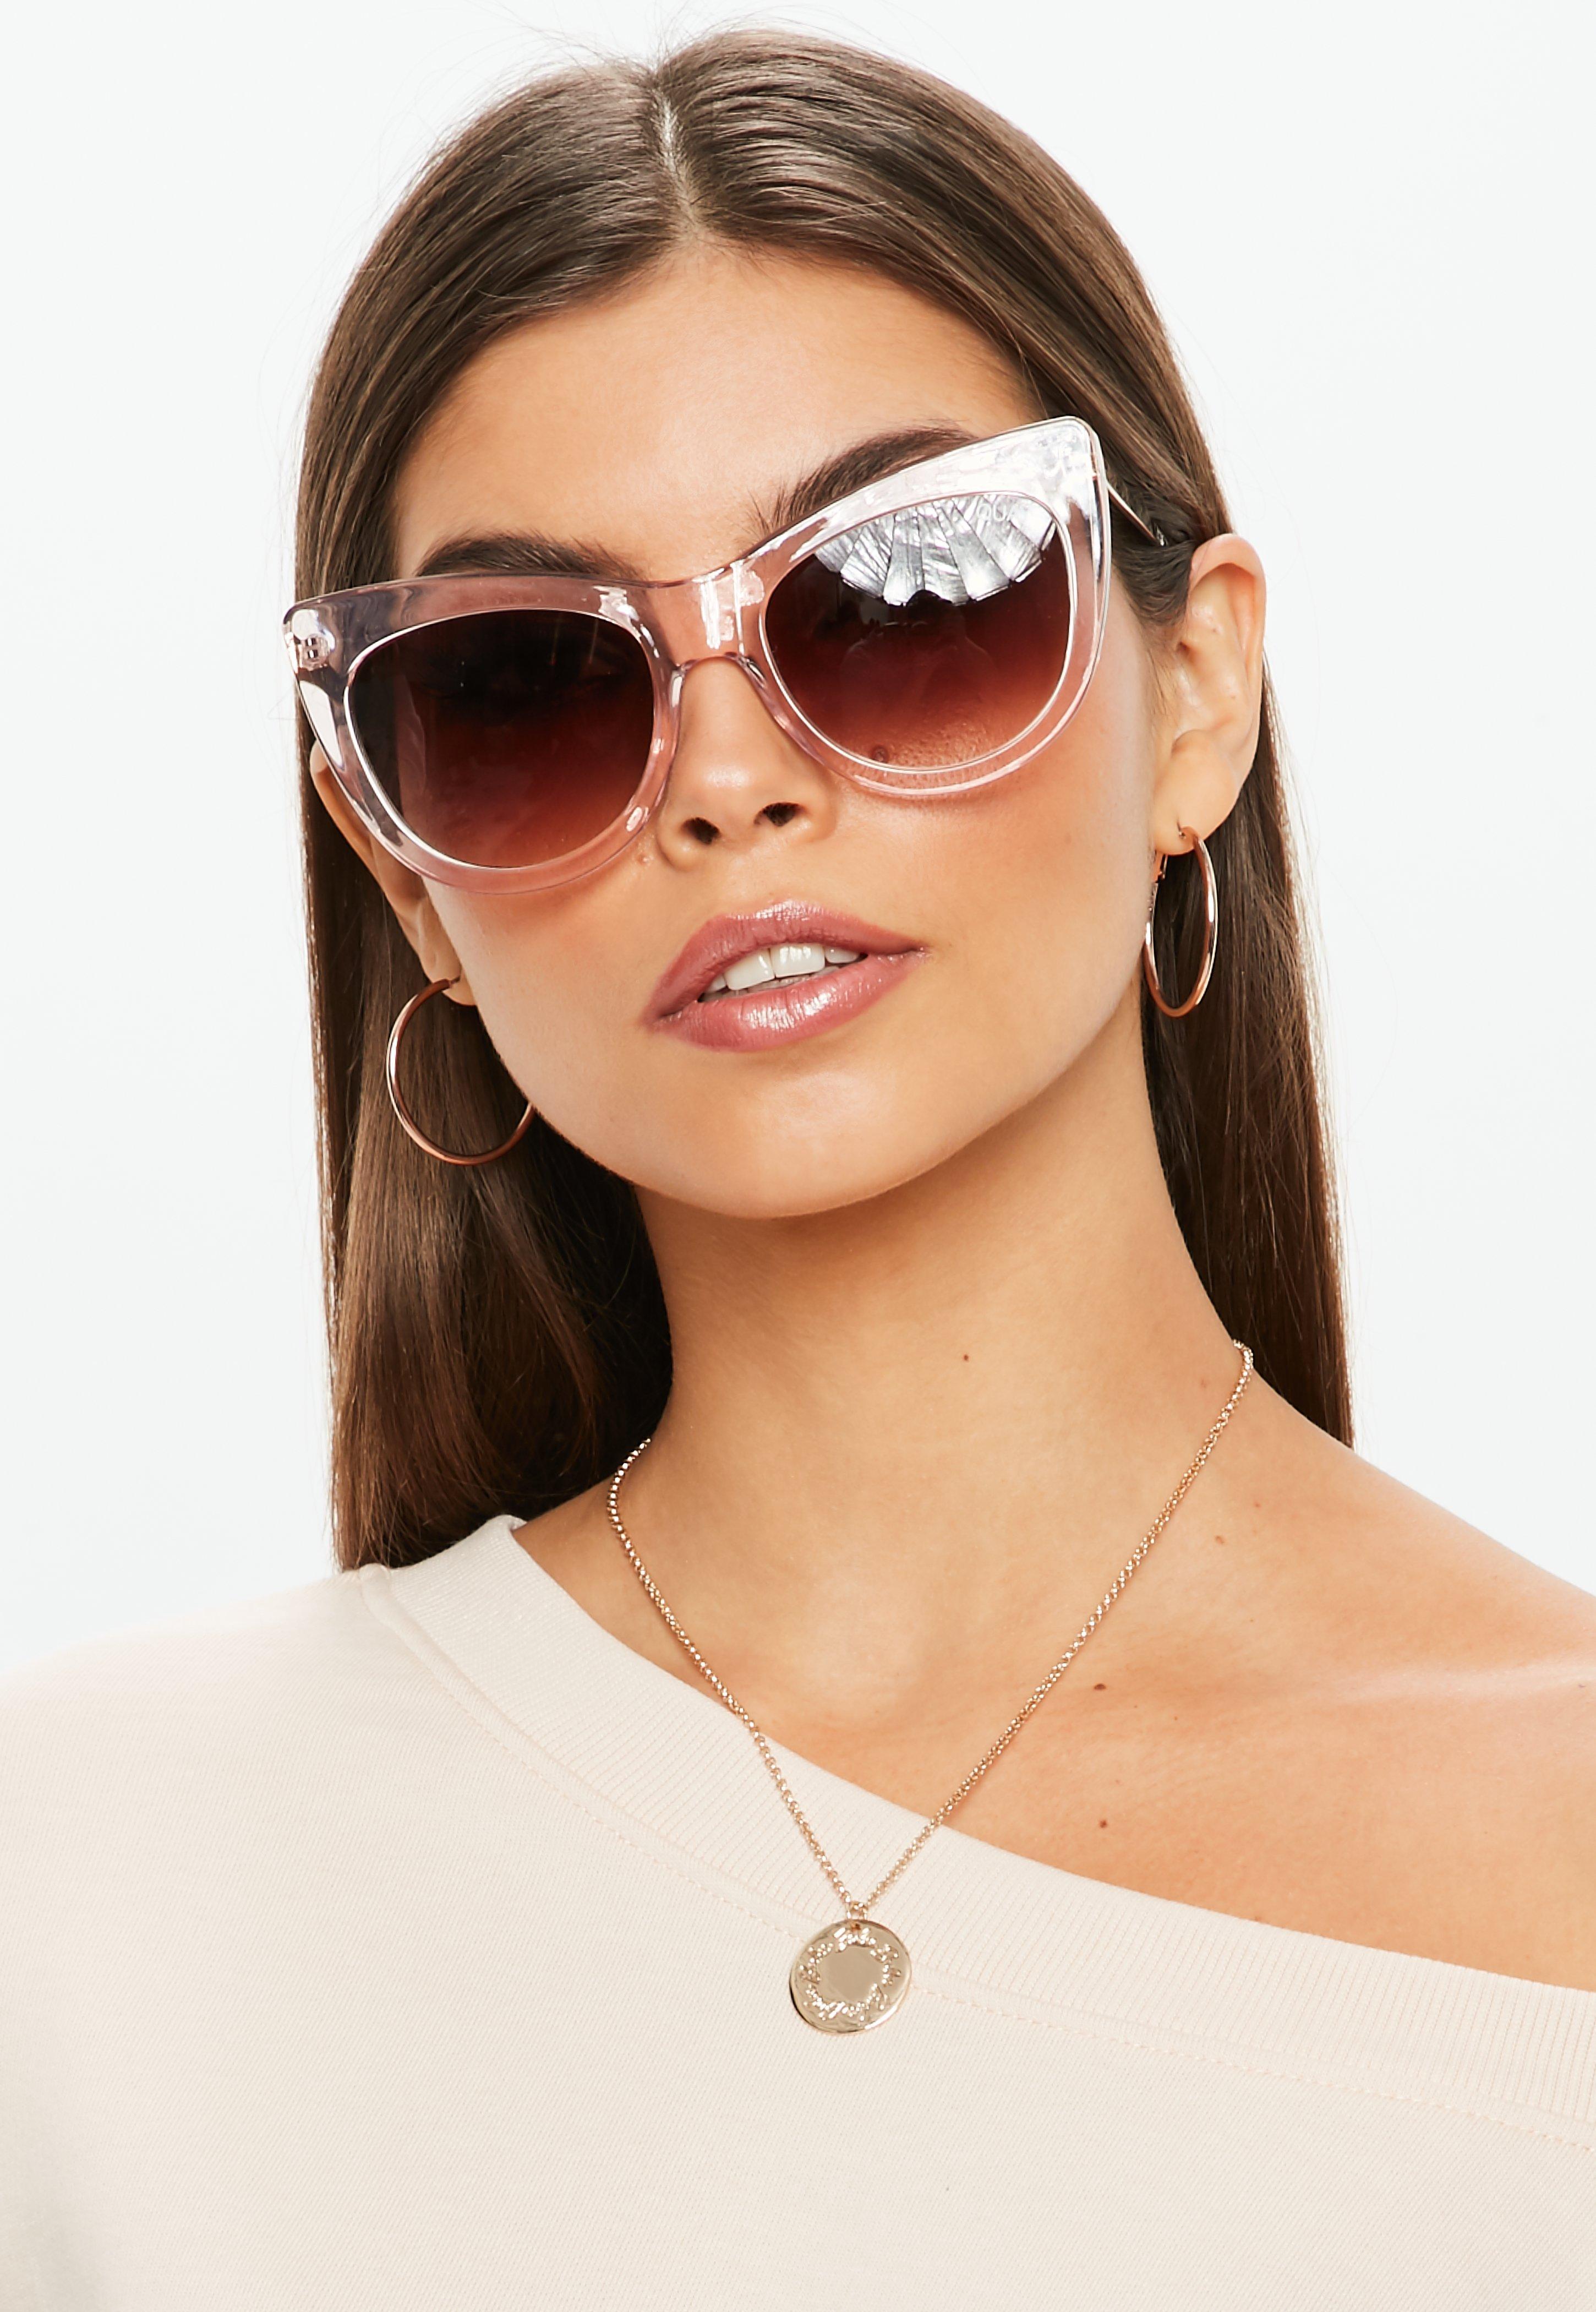 Buy Vans Sunglasses Womens Orange Off66 Discounts